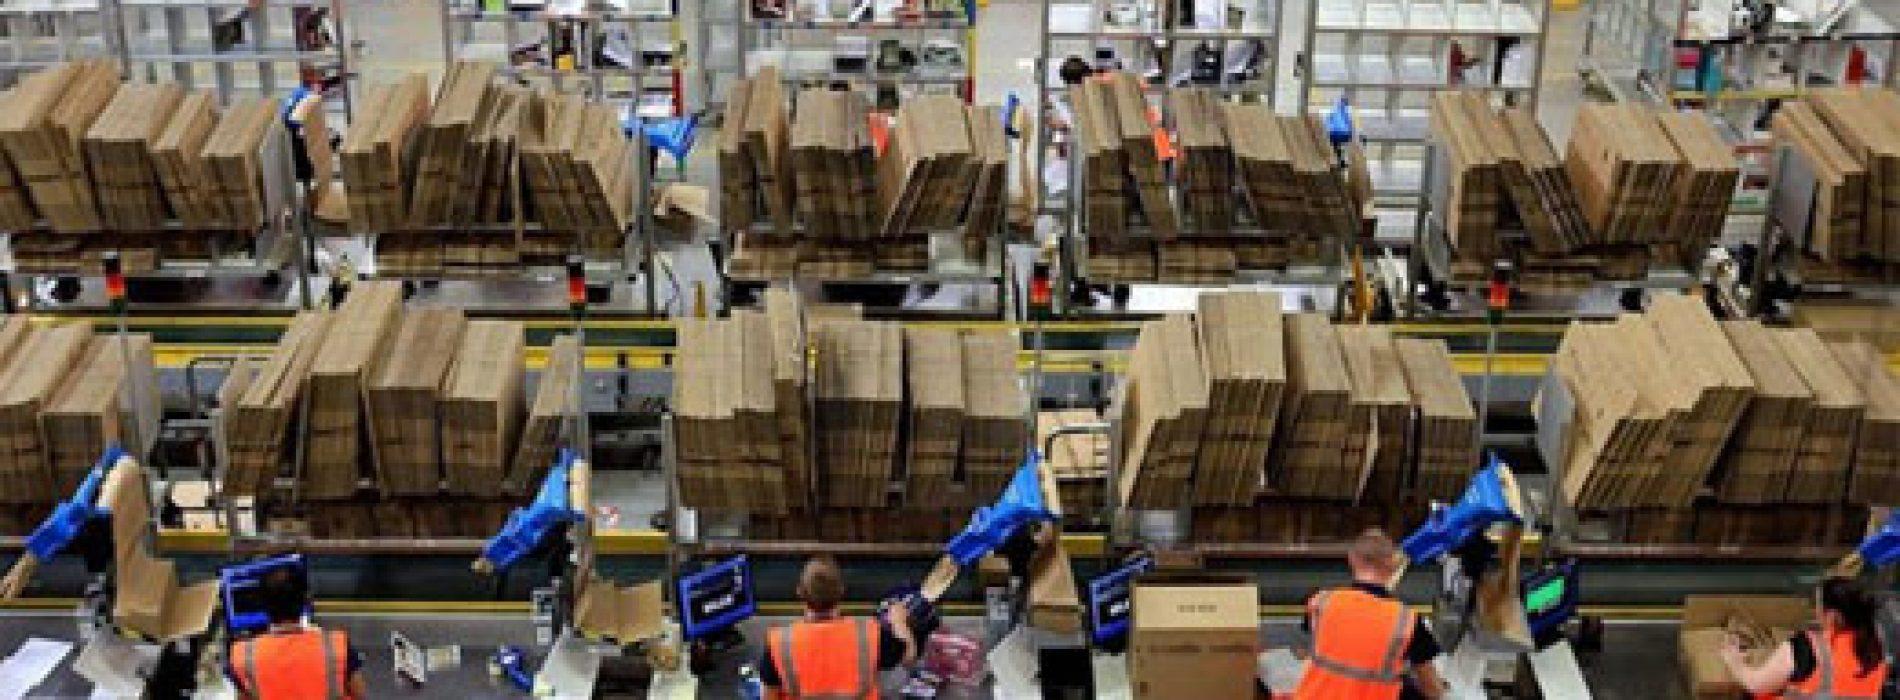 Amazon projeta sua própria rede de mercados nos EUA